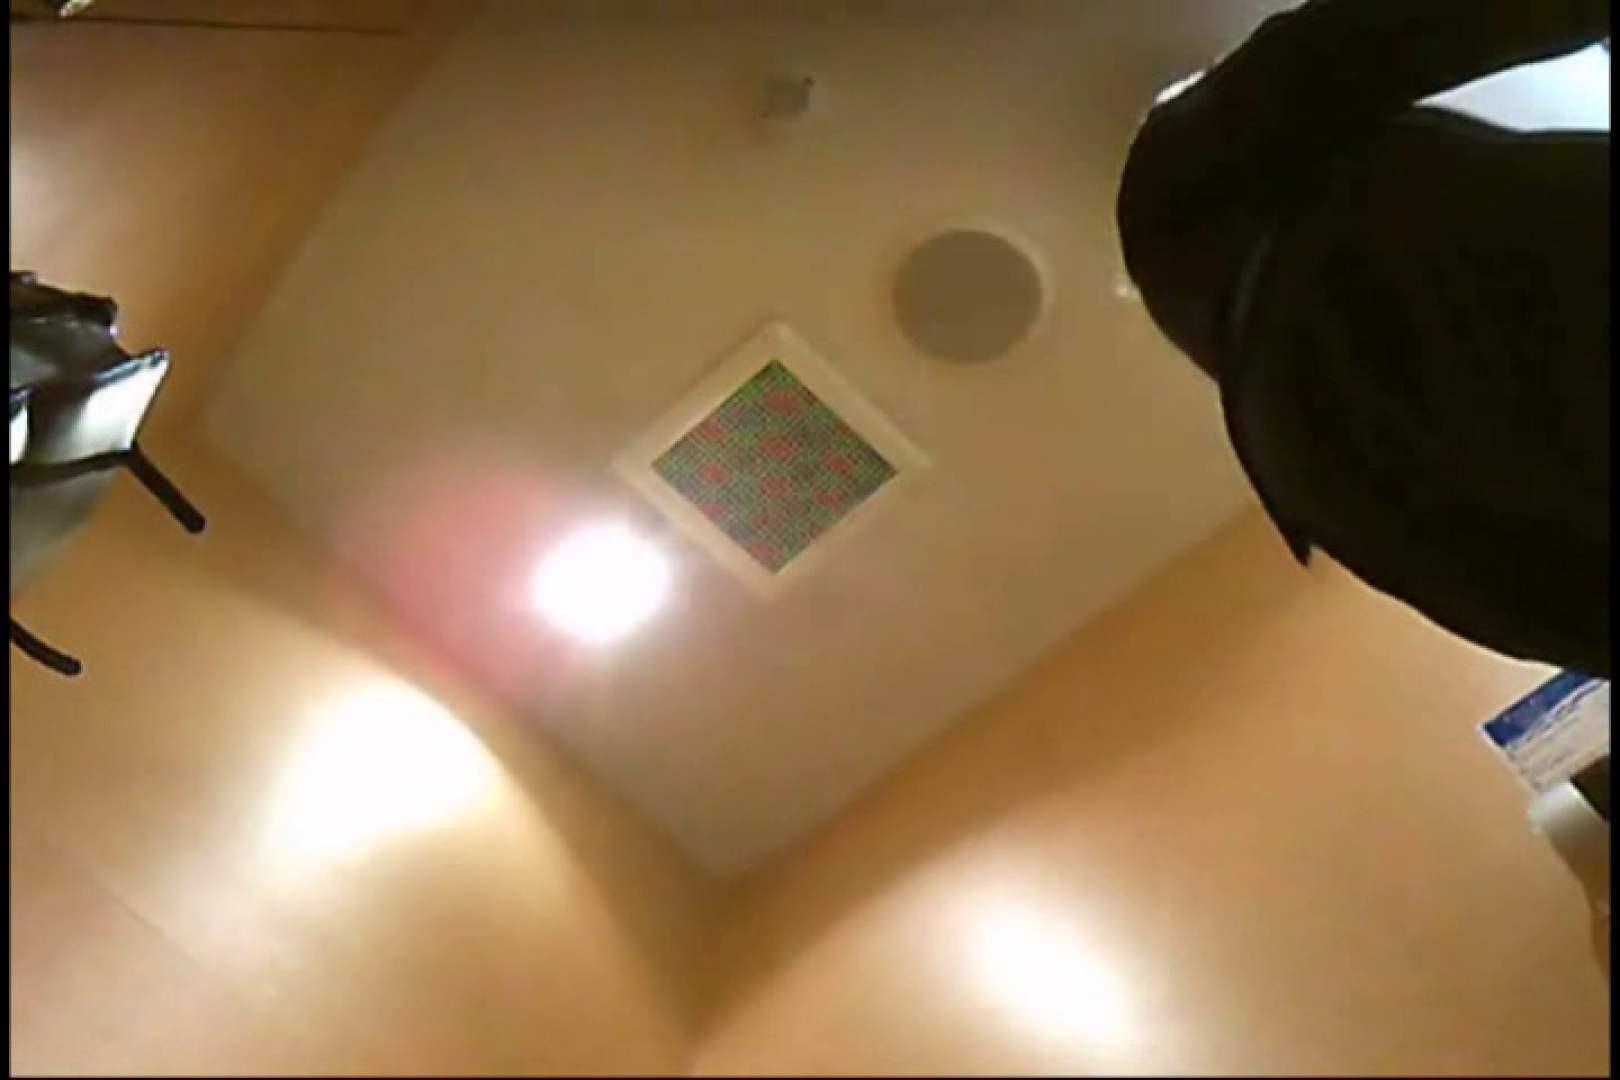 画質向上!新亀さん厠 vol.83 厠・・・ オメコ動画キャプチャ 94PIX 19